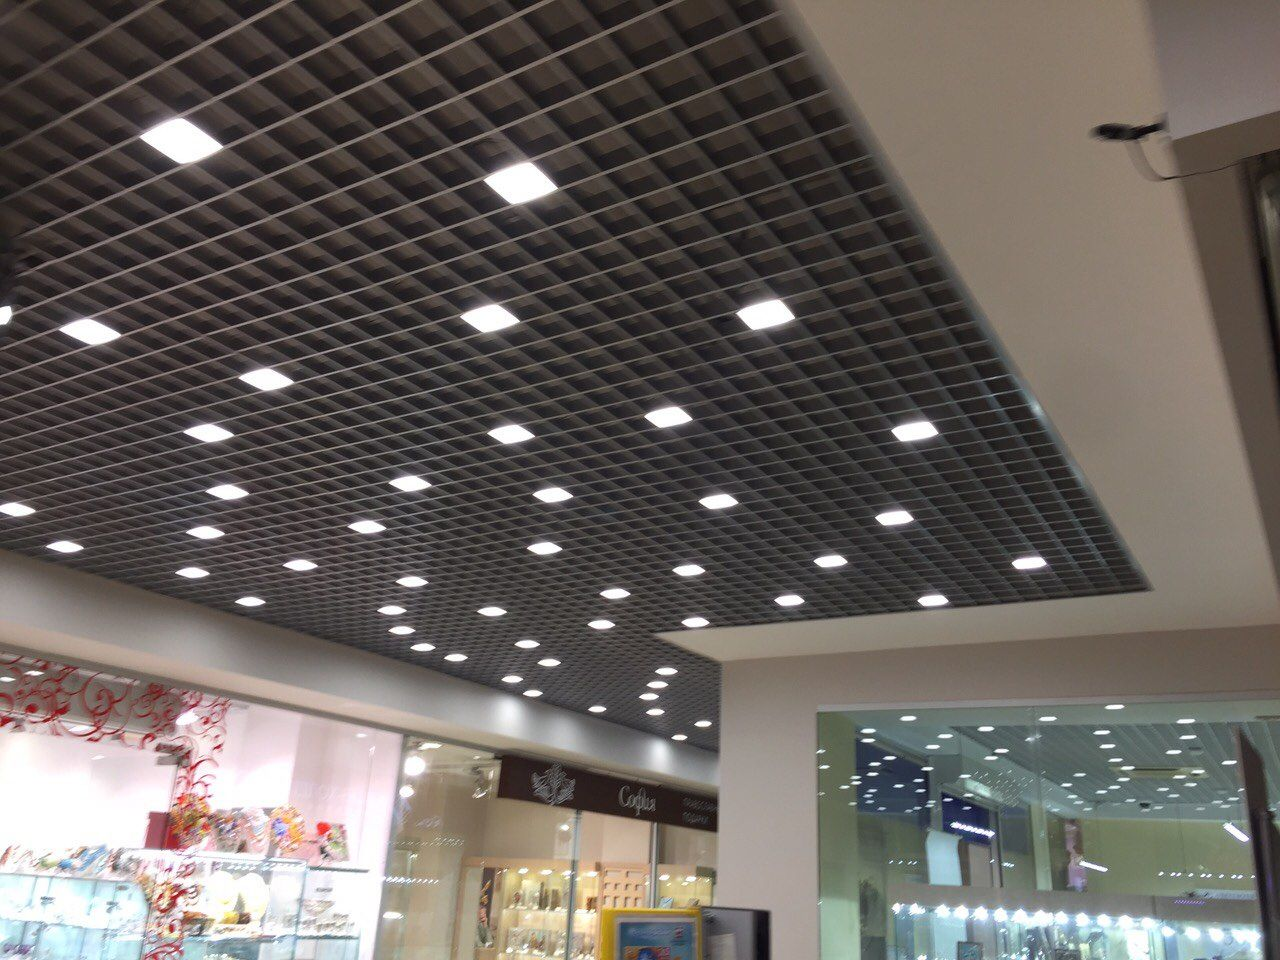 Дизайн светильников для потолка грильято фото